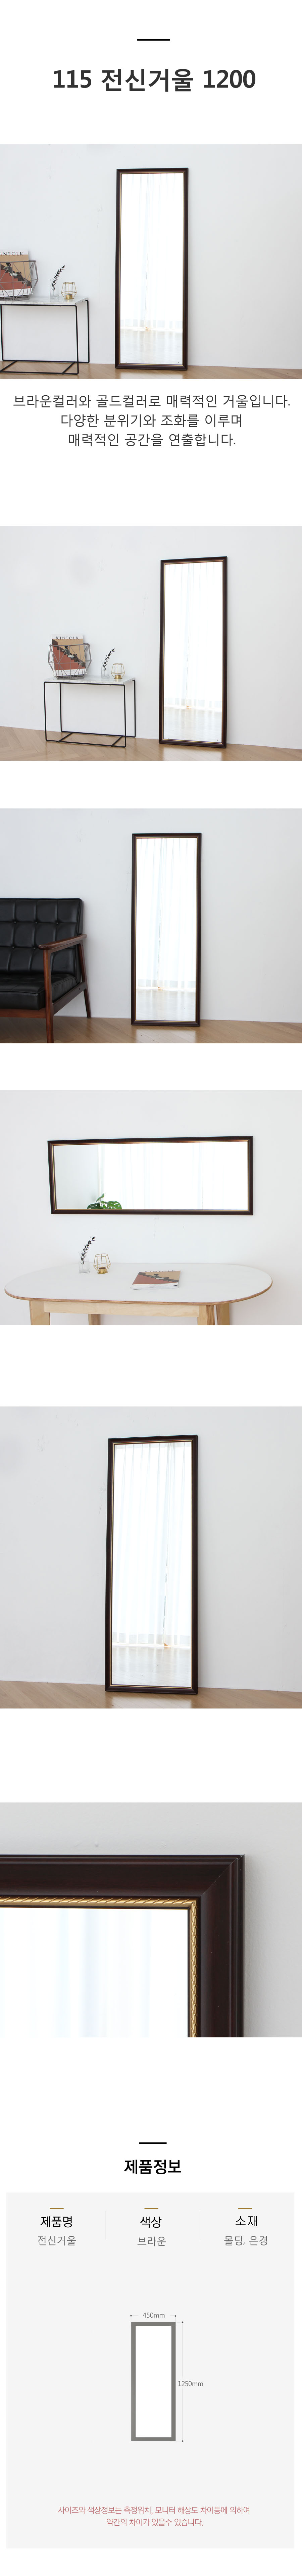 115 전신거울 1200 - 럼버잭, 45,600원, 거울, 전신거울